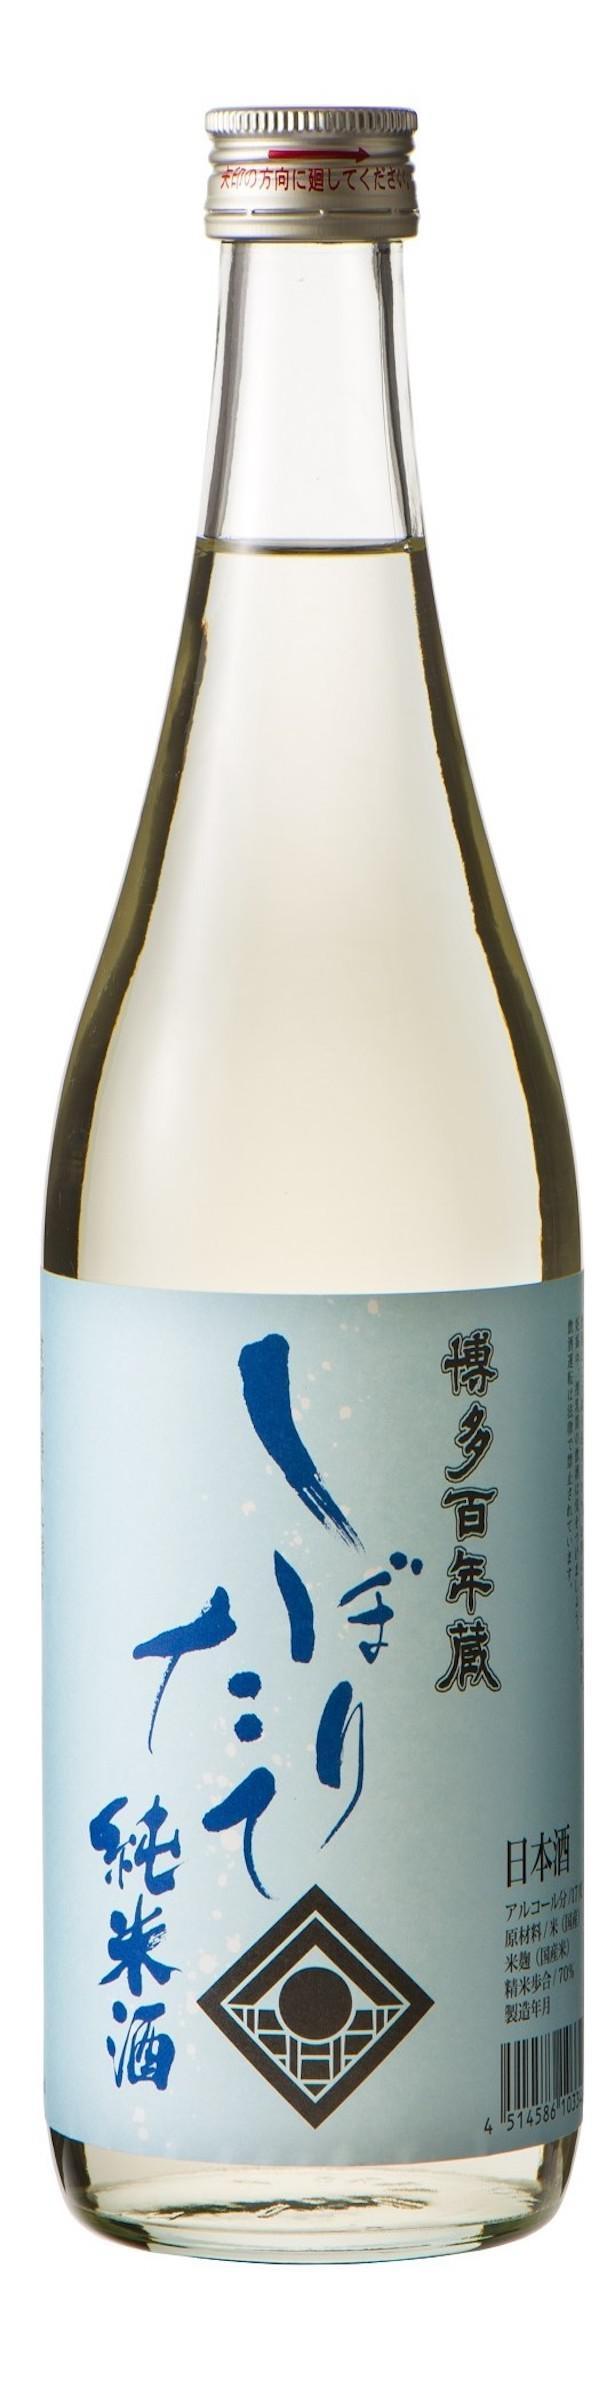 しぼりたて純米酒(720ml 1100円・税込)/石蔵酒造